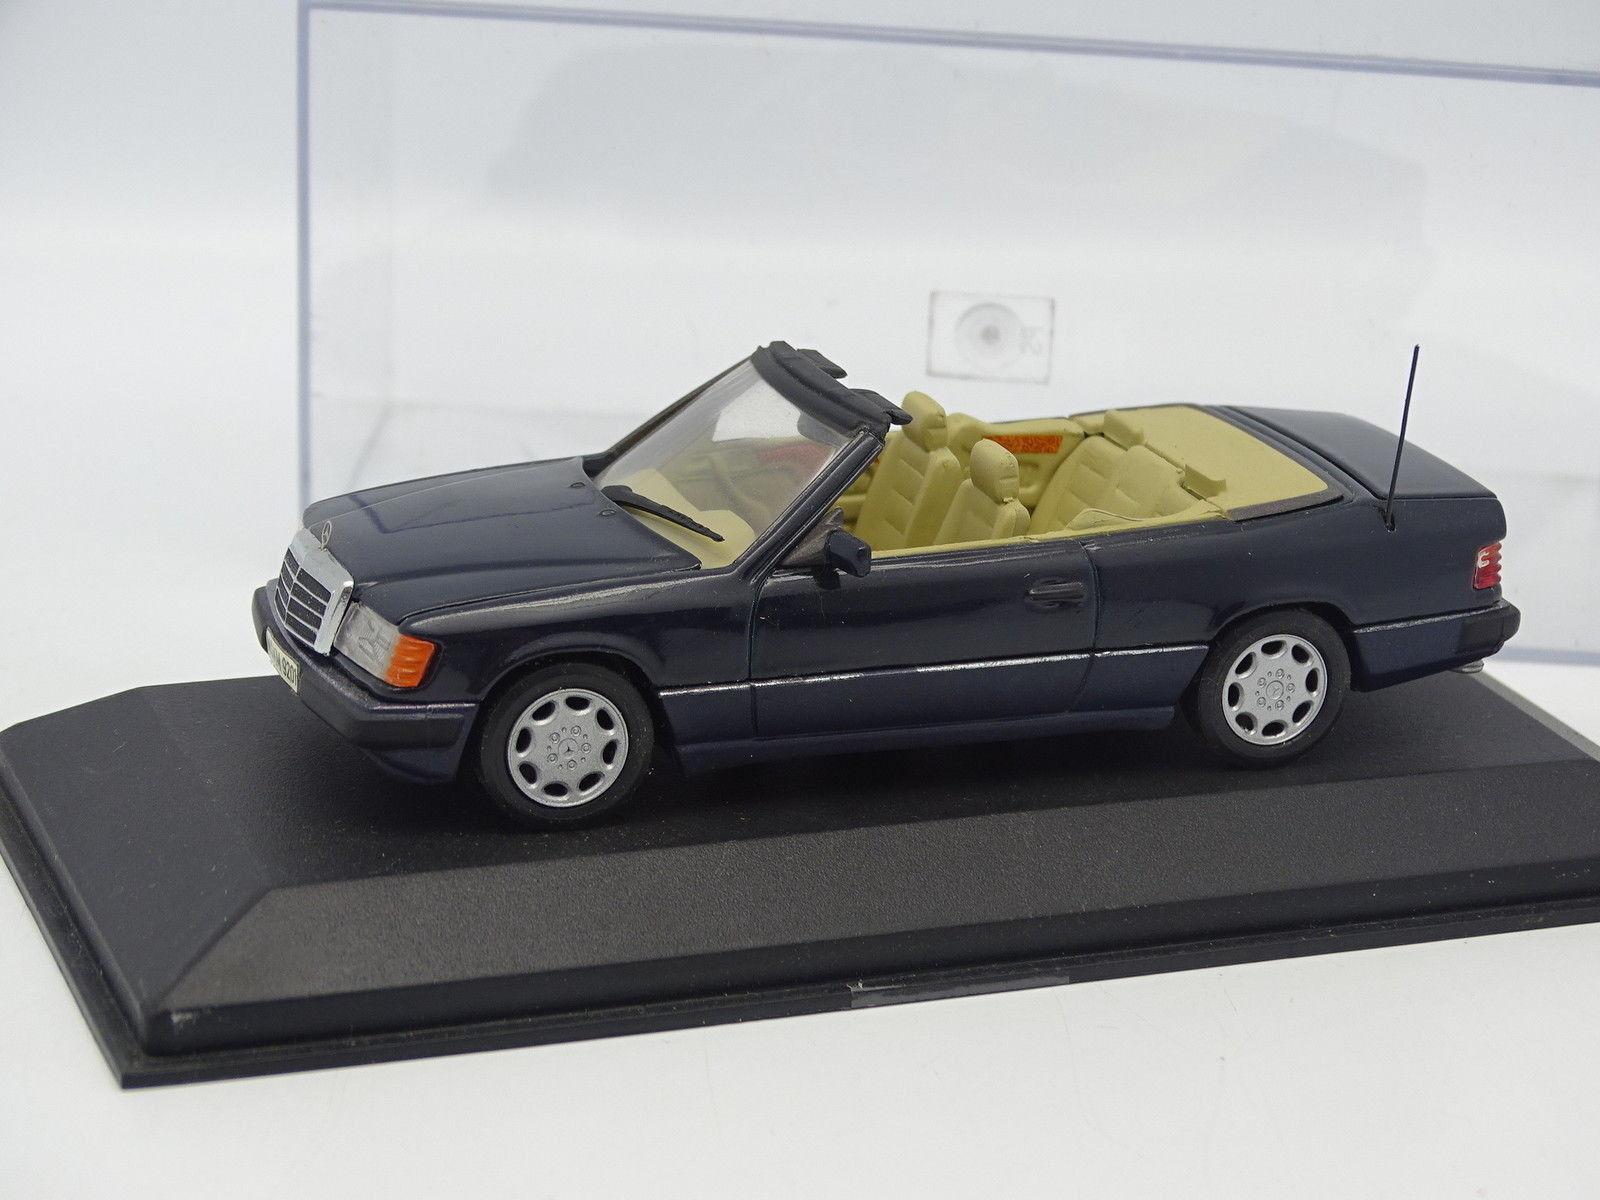 Minichamps 1 43 43 43 - Mercedes 300 CE 24 Cabriolet Bleue  disfruta ahorrando 30-50% de descuento